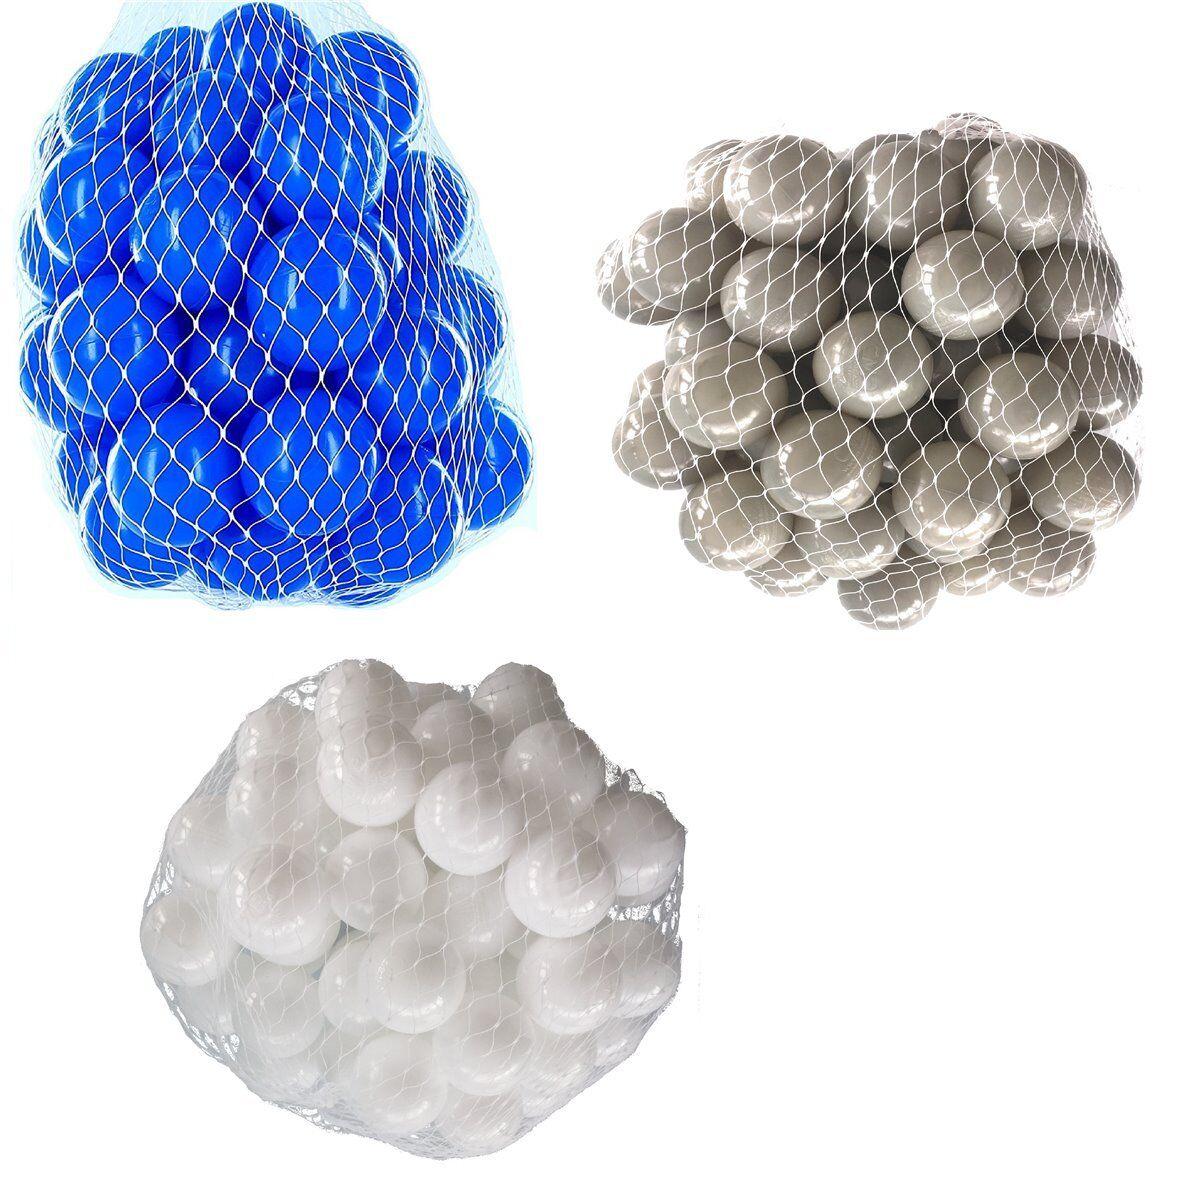 150-9000 Bällebad Bälle 55mm mix weiß grau blau gemischt Farben Baby Kind Ball